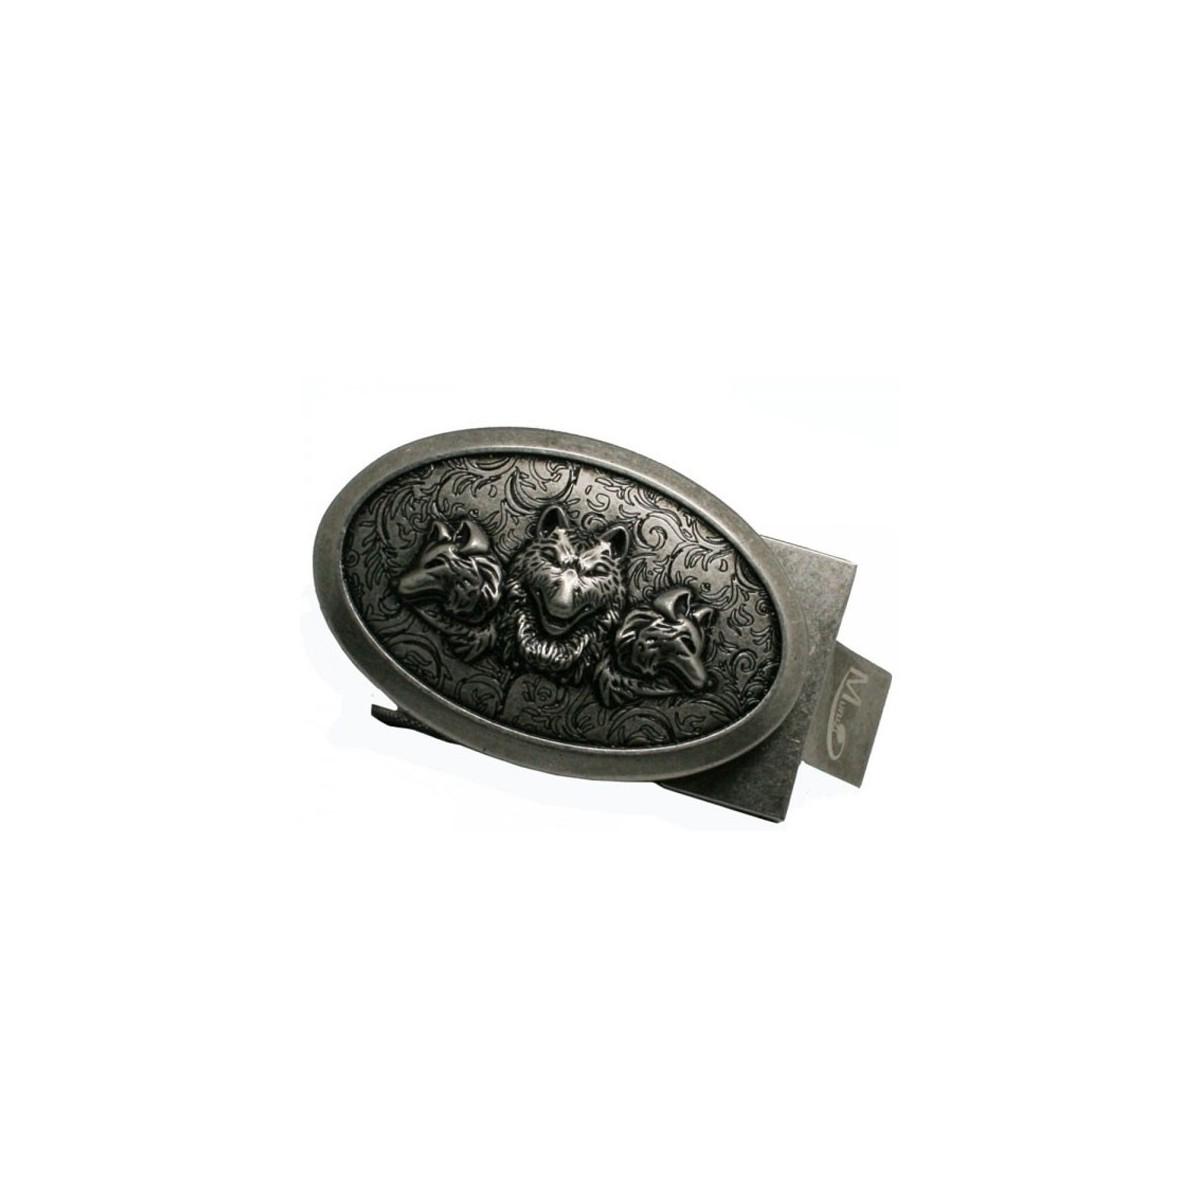 Boucle de ceinture homme Loups style ceinturon ovale cadre acier